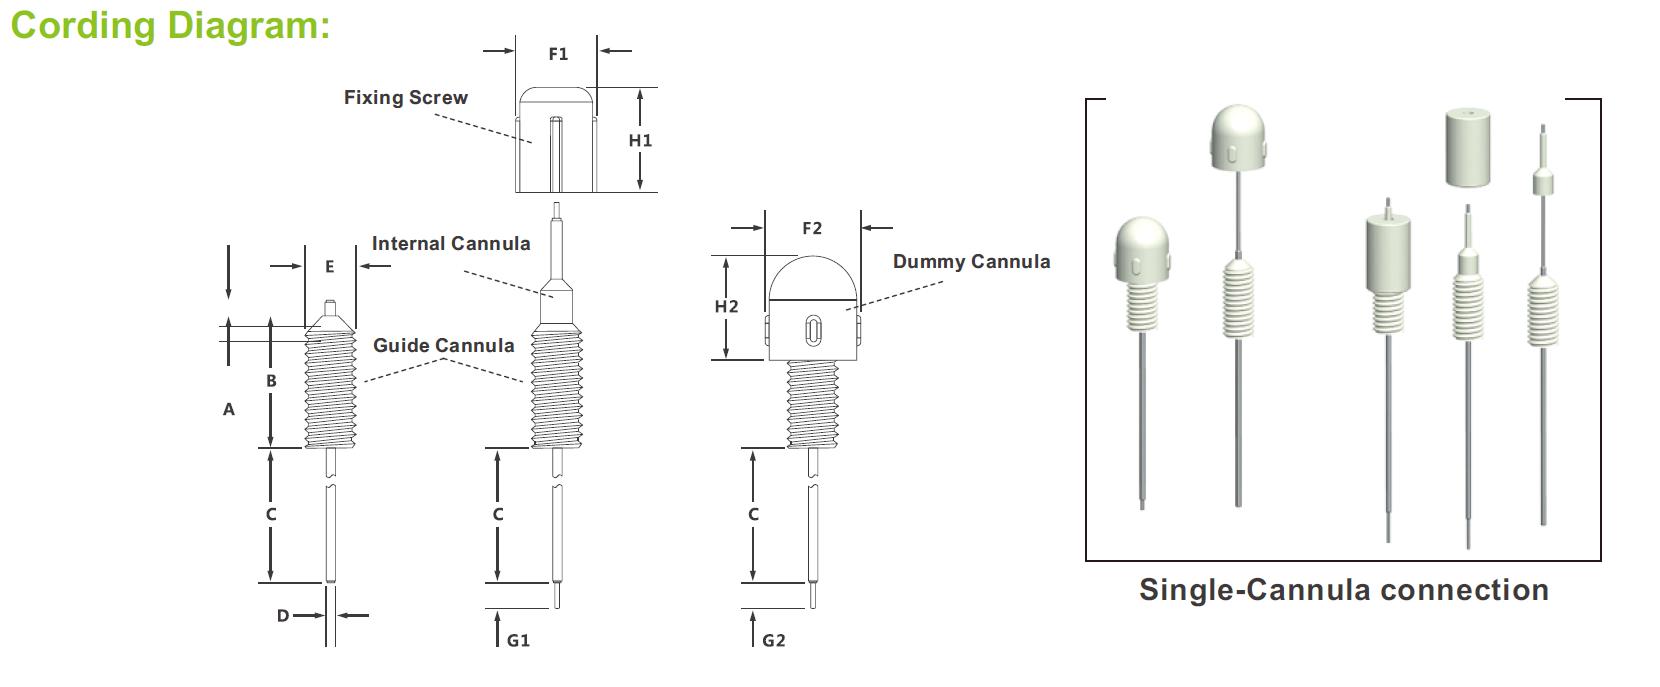 cording-diagrm